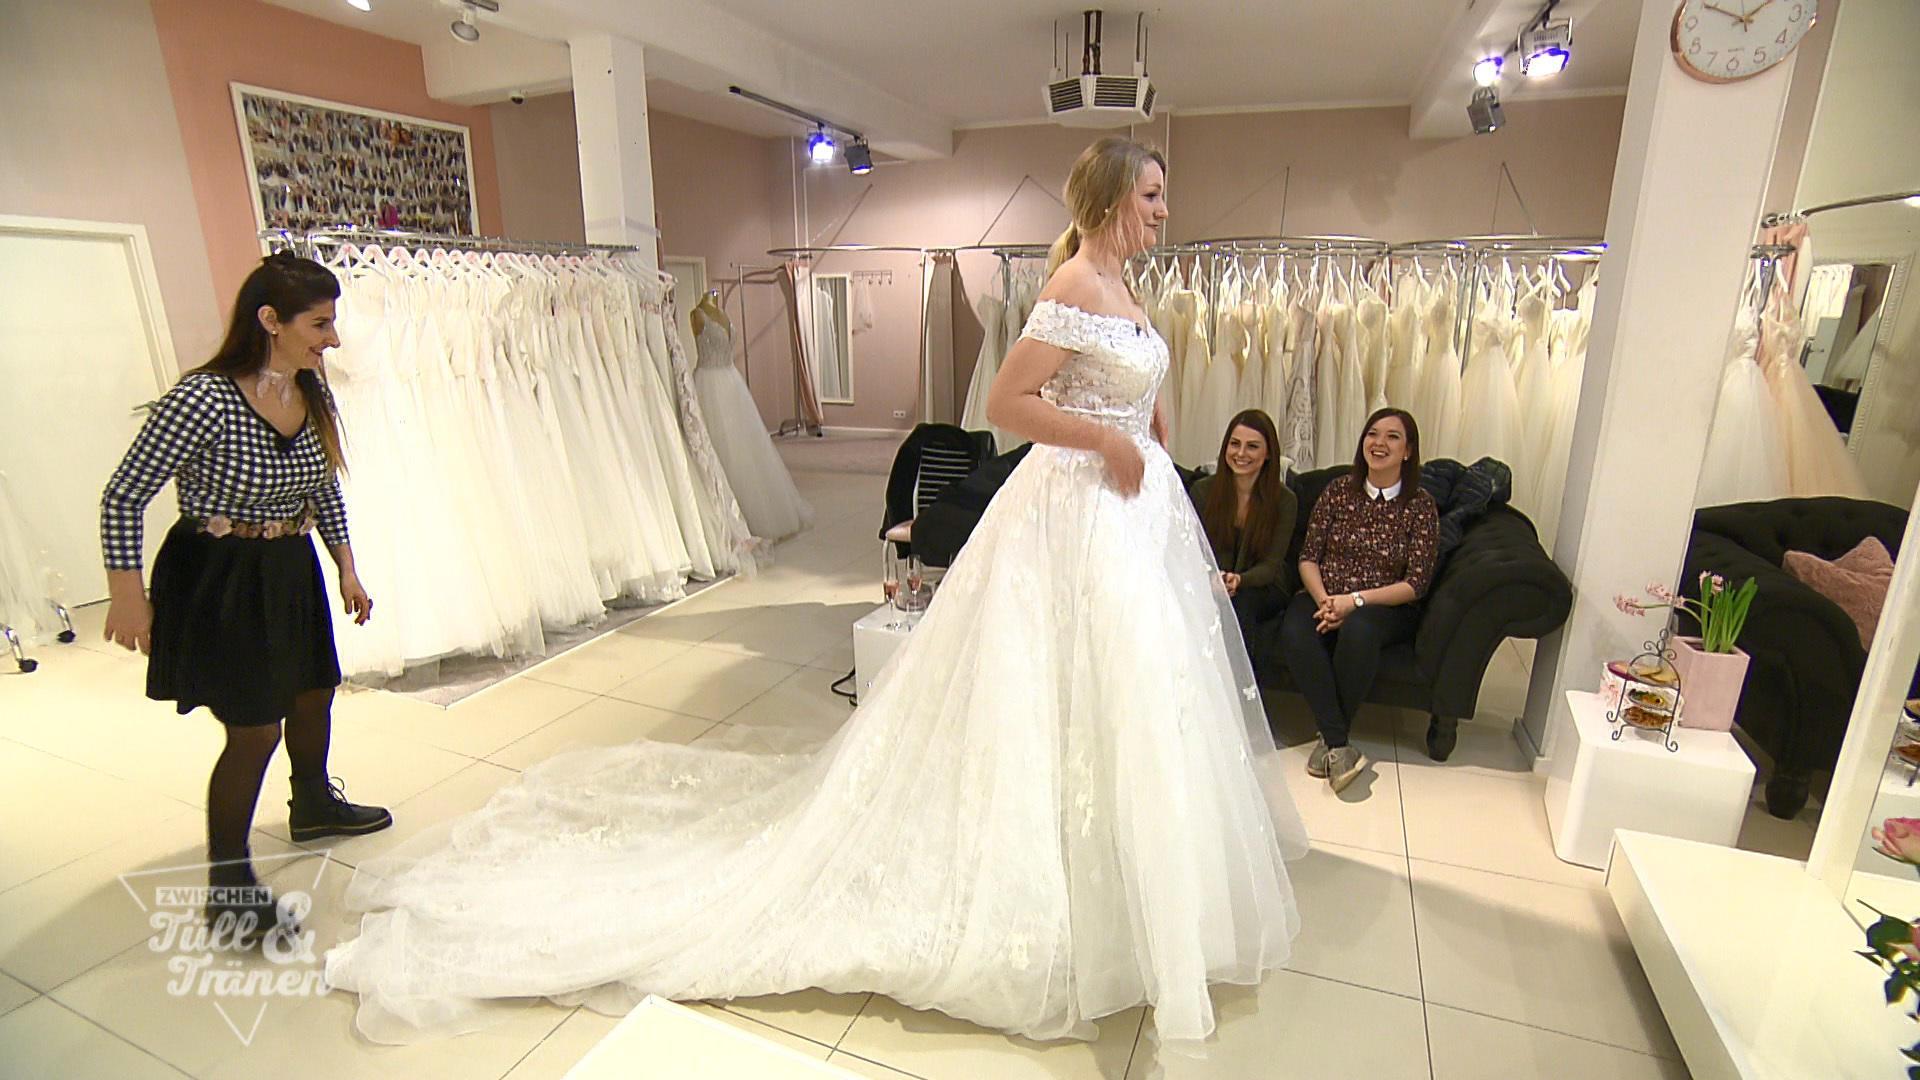 Das Brautkleid soll kaschieren